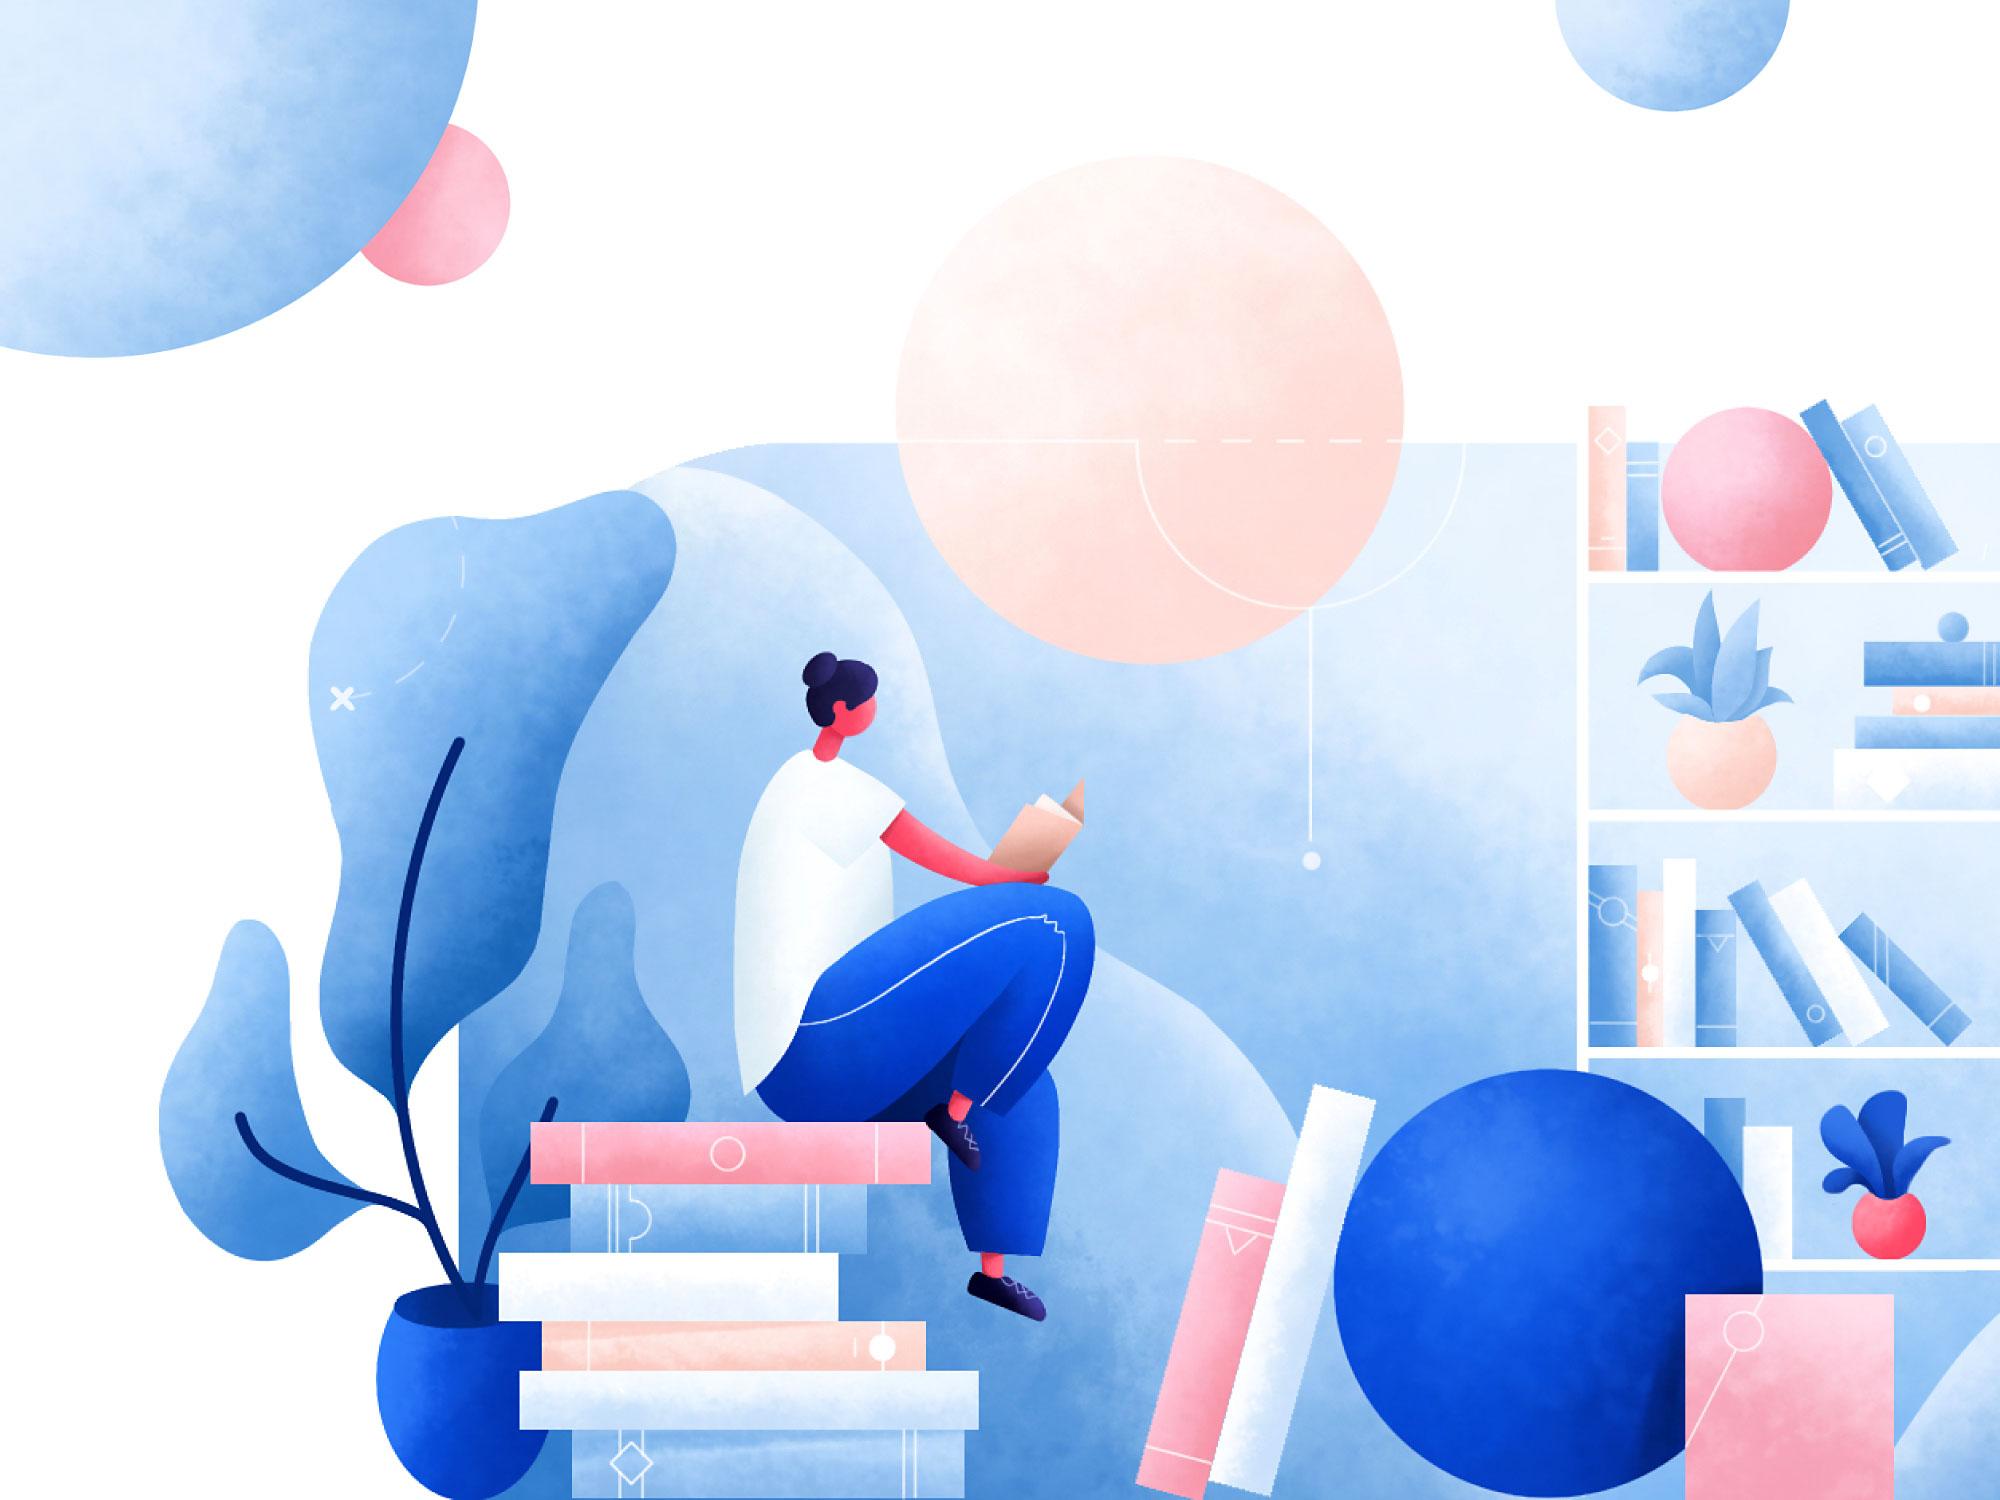 Đừng đọc sách 'nhiều', hãy đọc hiệu quả hơn